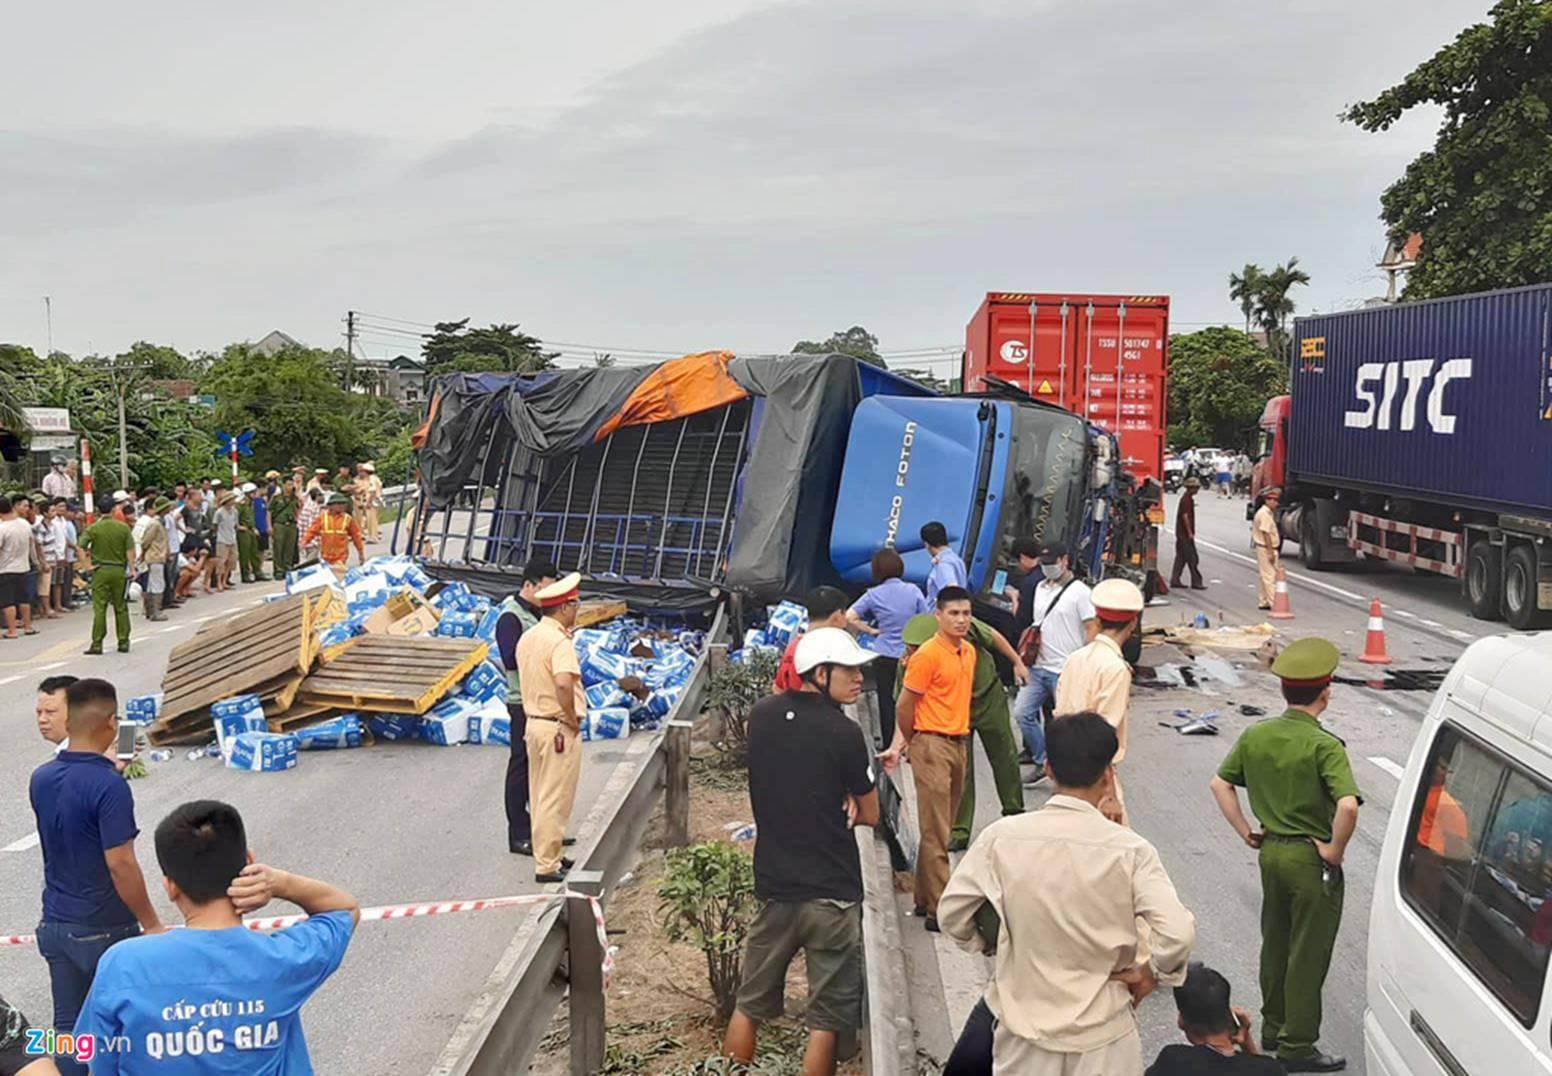 Những số phận dang dở sau vụ tai nạn 5 người chết ở Hải Dương-2